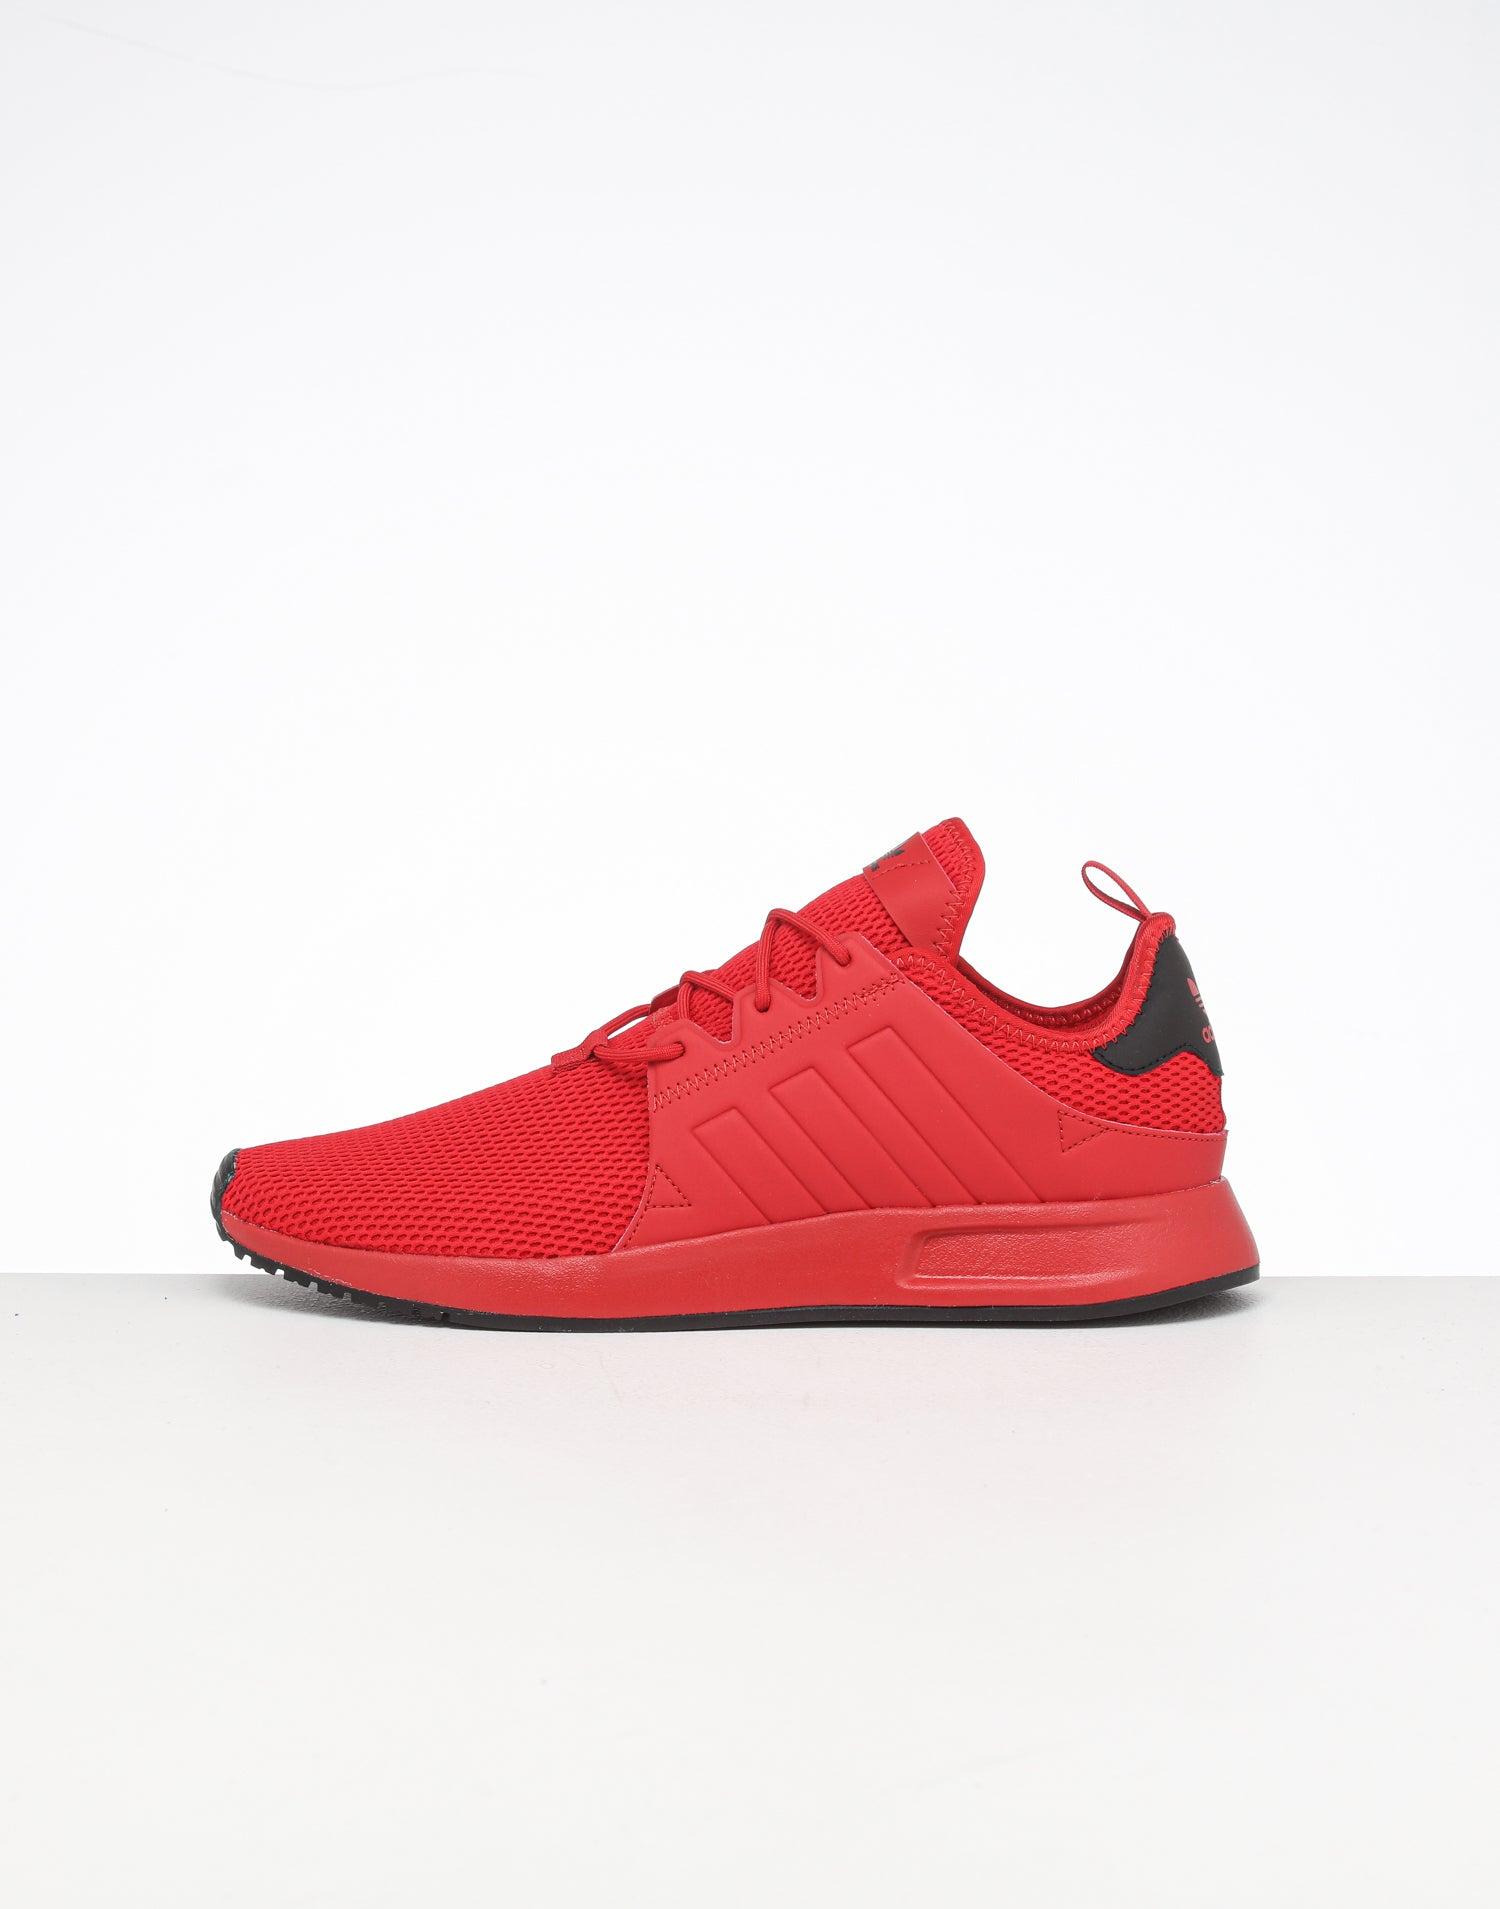 adidas MEN'S ORIGINALS X_PLR SHOES, Size 8.5 ,New